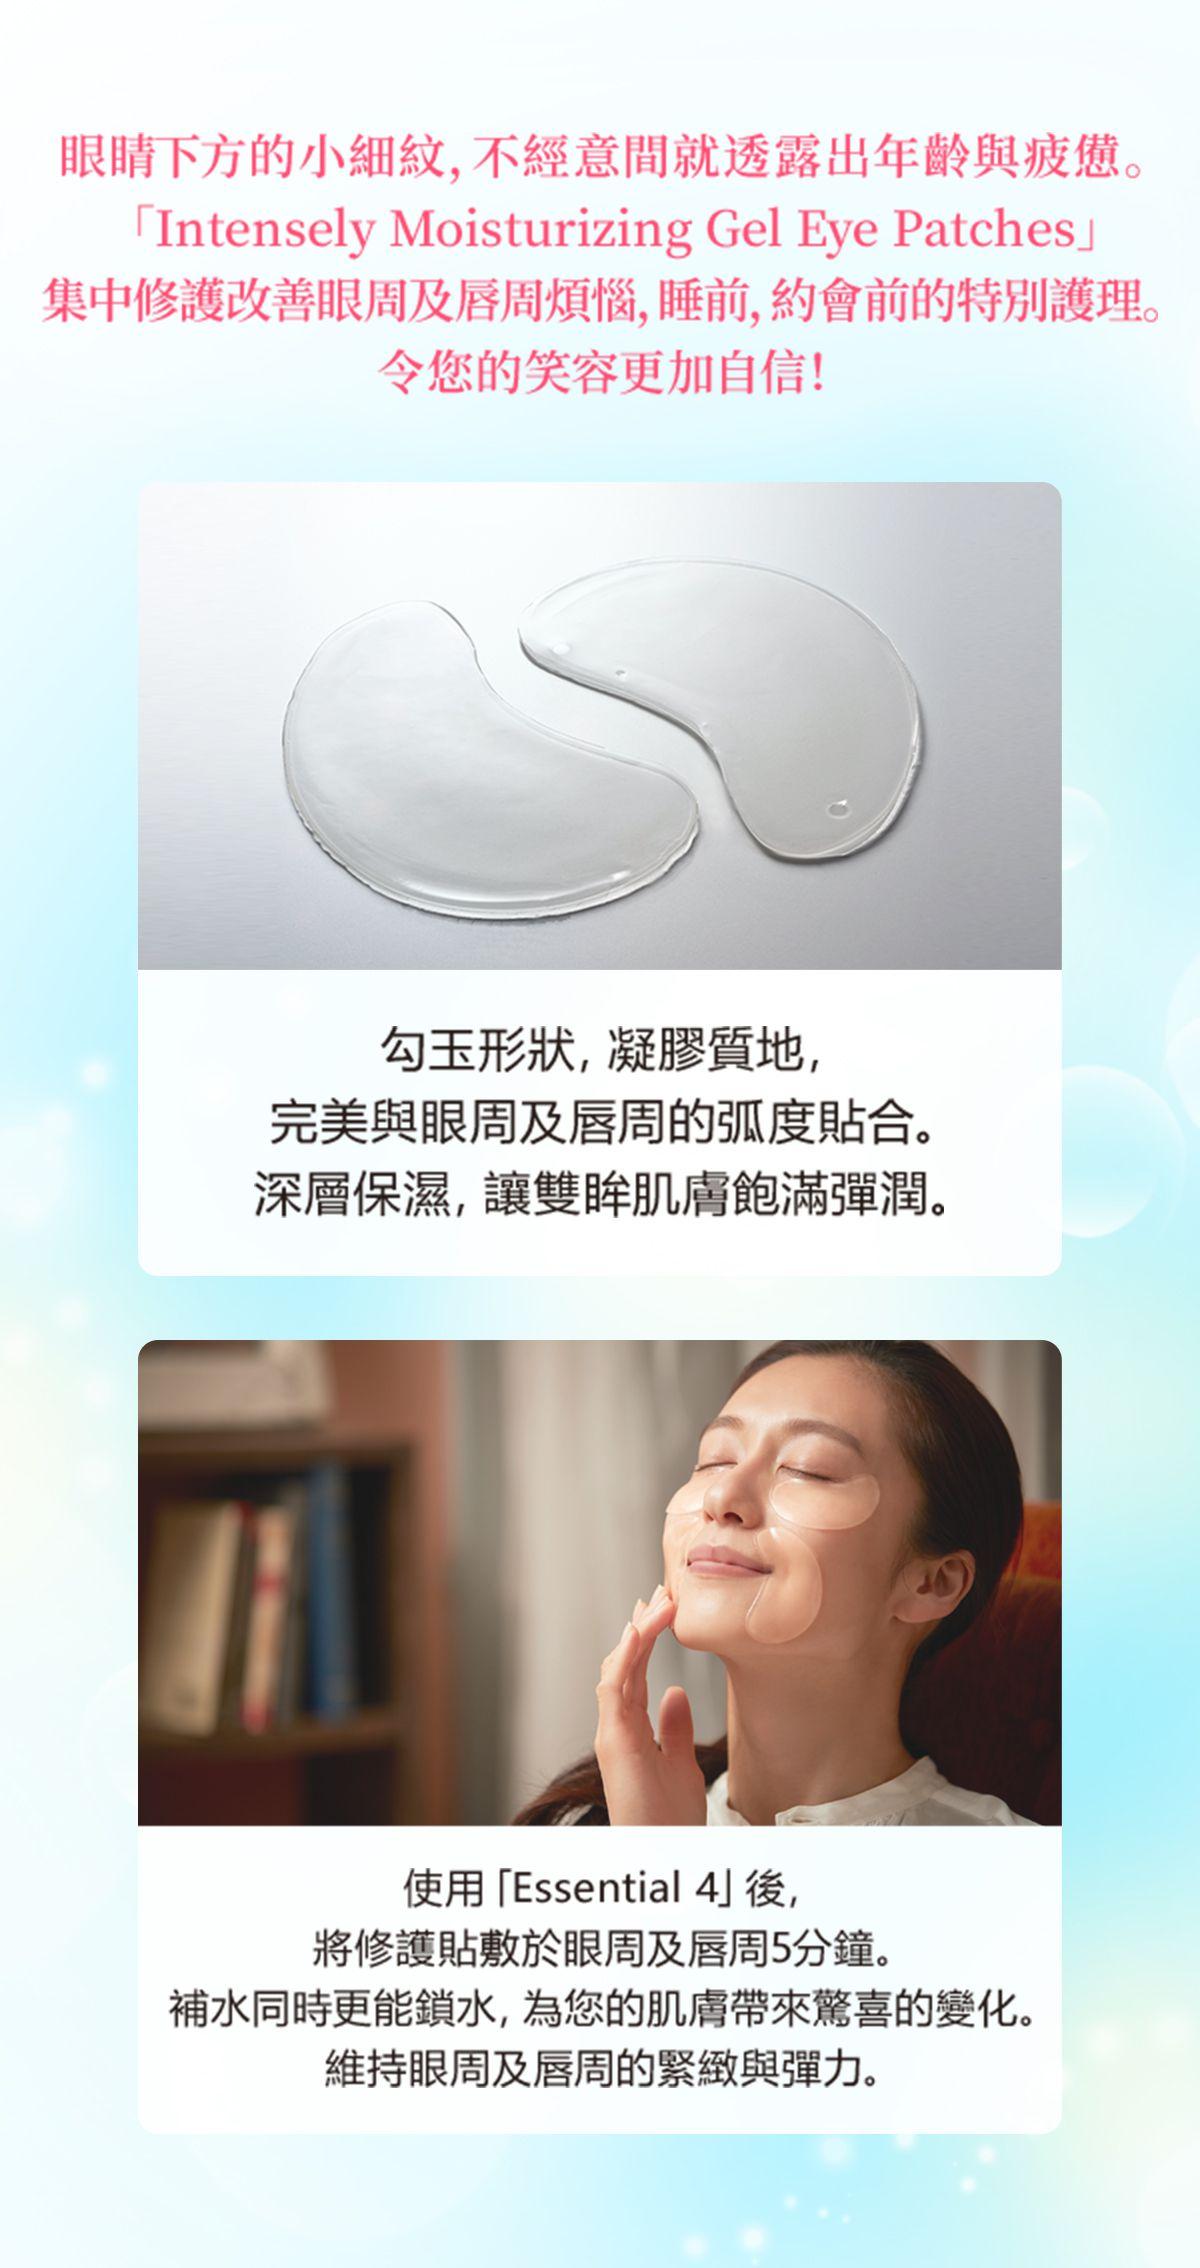 眼睛下方的小細紋,不經意間就透露出年齡與疲憊。「Intensely Moisturizing Gel Eye Patches 」 集中修護改善眼周及唇周煩惱,睡前,約會前的特別護理。令您的笑容更加自信!勾玉形狀,凝膠質地,完美與眼周及唇周的弧度貼合。深層保濕,讓雙眸肌膚飽滿彈潤。使用「Essential 4」後,將修護貼敷於眼周及唇周5分鐘。補水同時更能鎖水,為您的肌膚帶來驚喜的變化。維持眼周及唇周的緊緻與彈力。